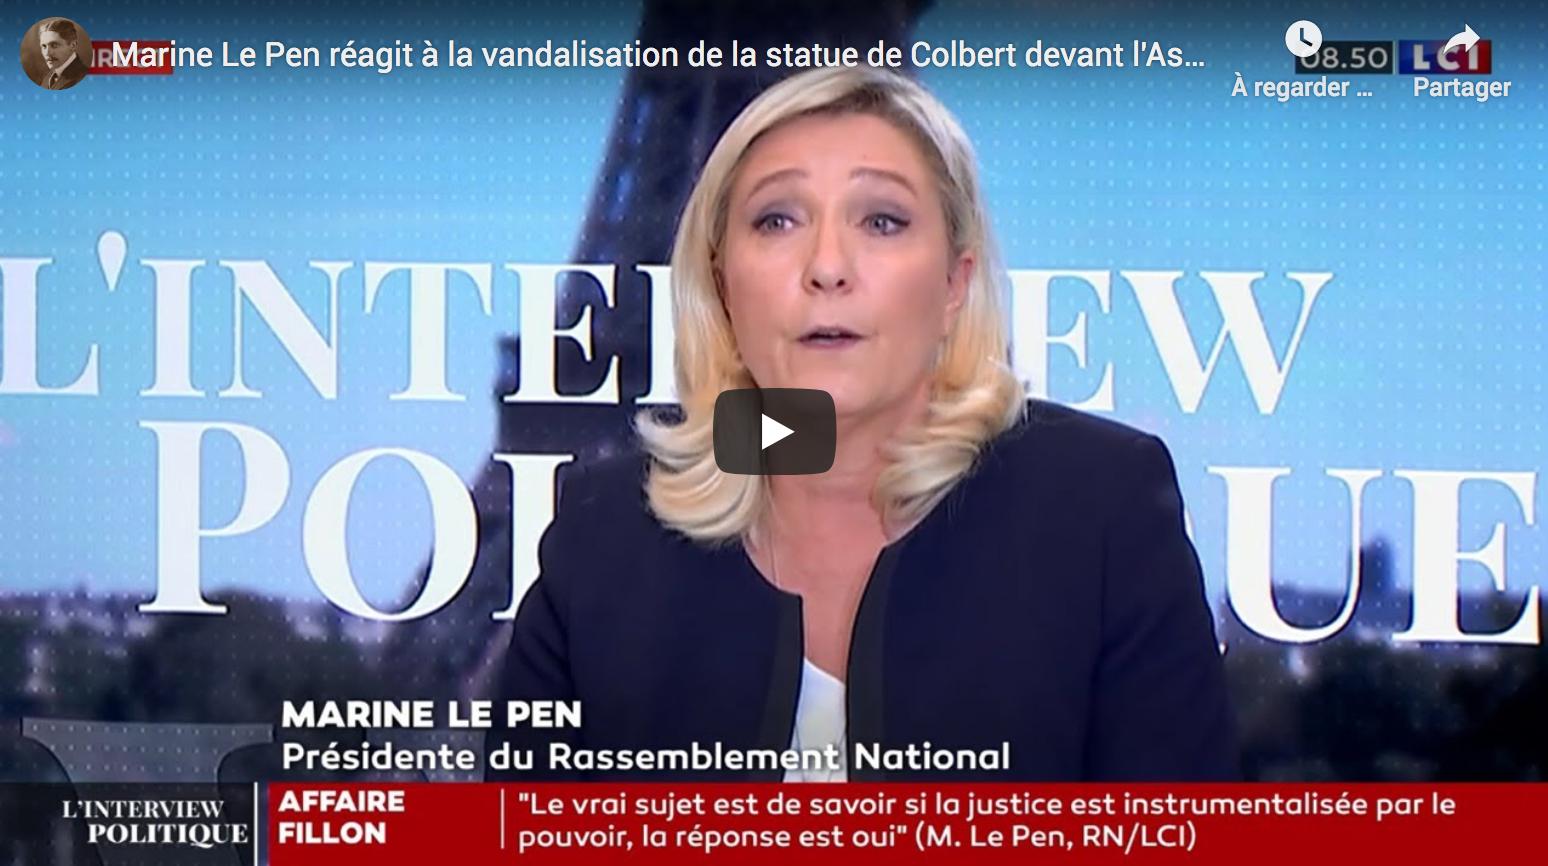 Marine Le Pen et Louis Aliot refusent de défendre la liberté d'expression de Hervé Ryssen